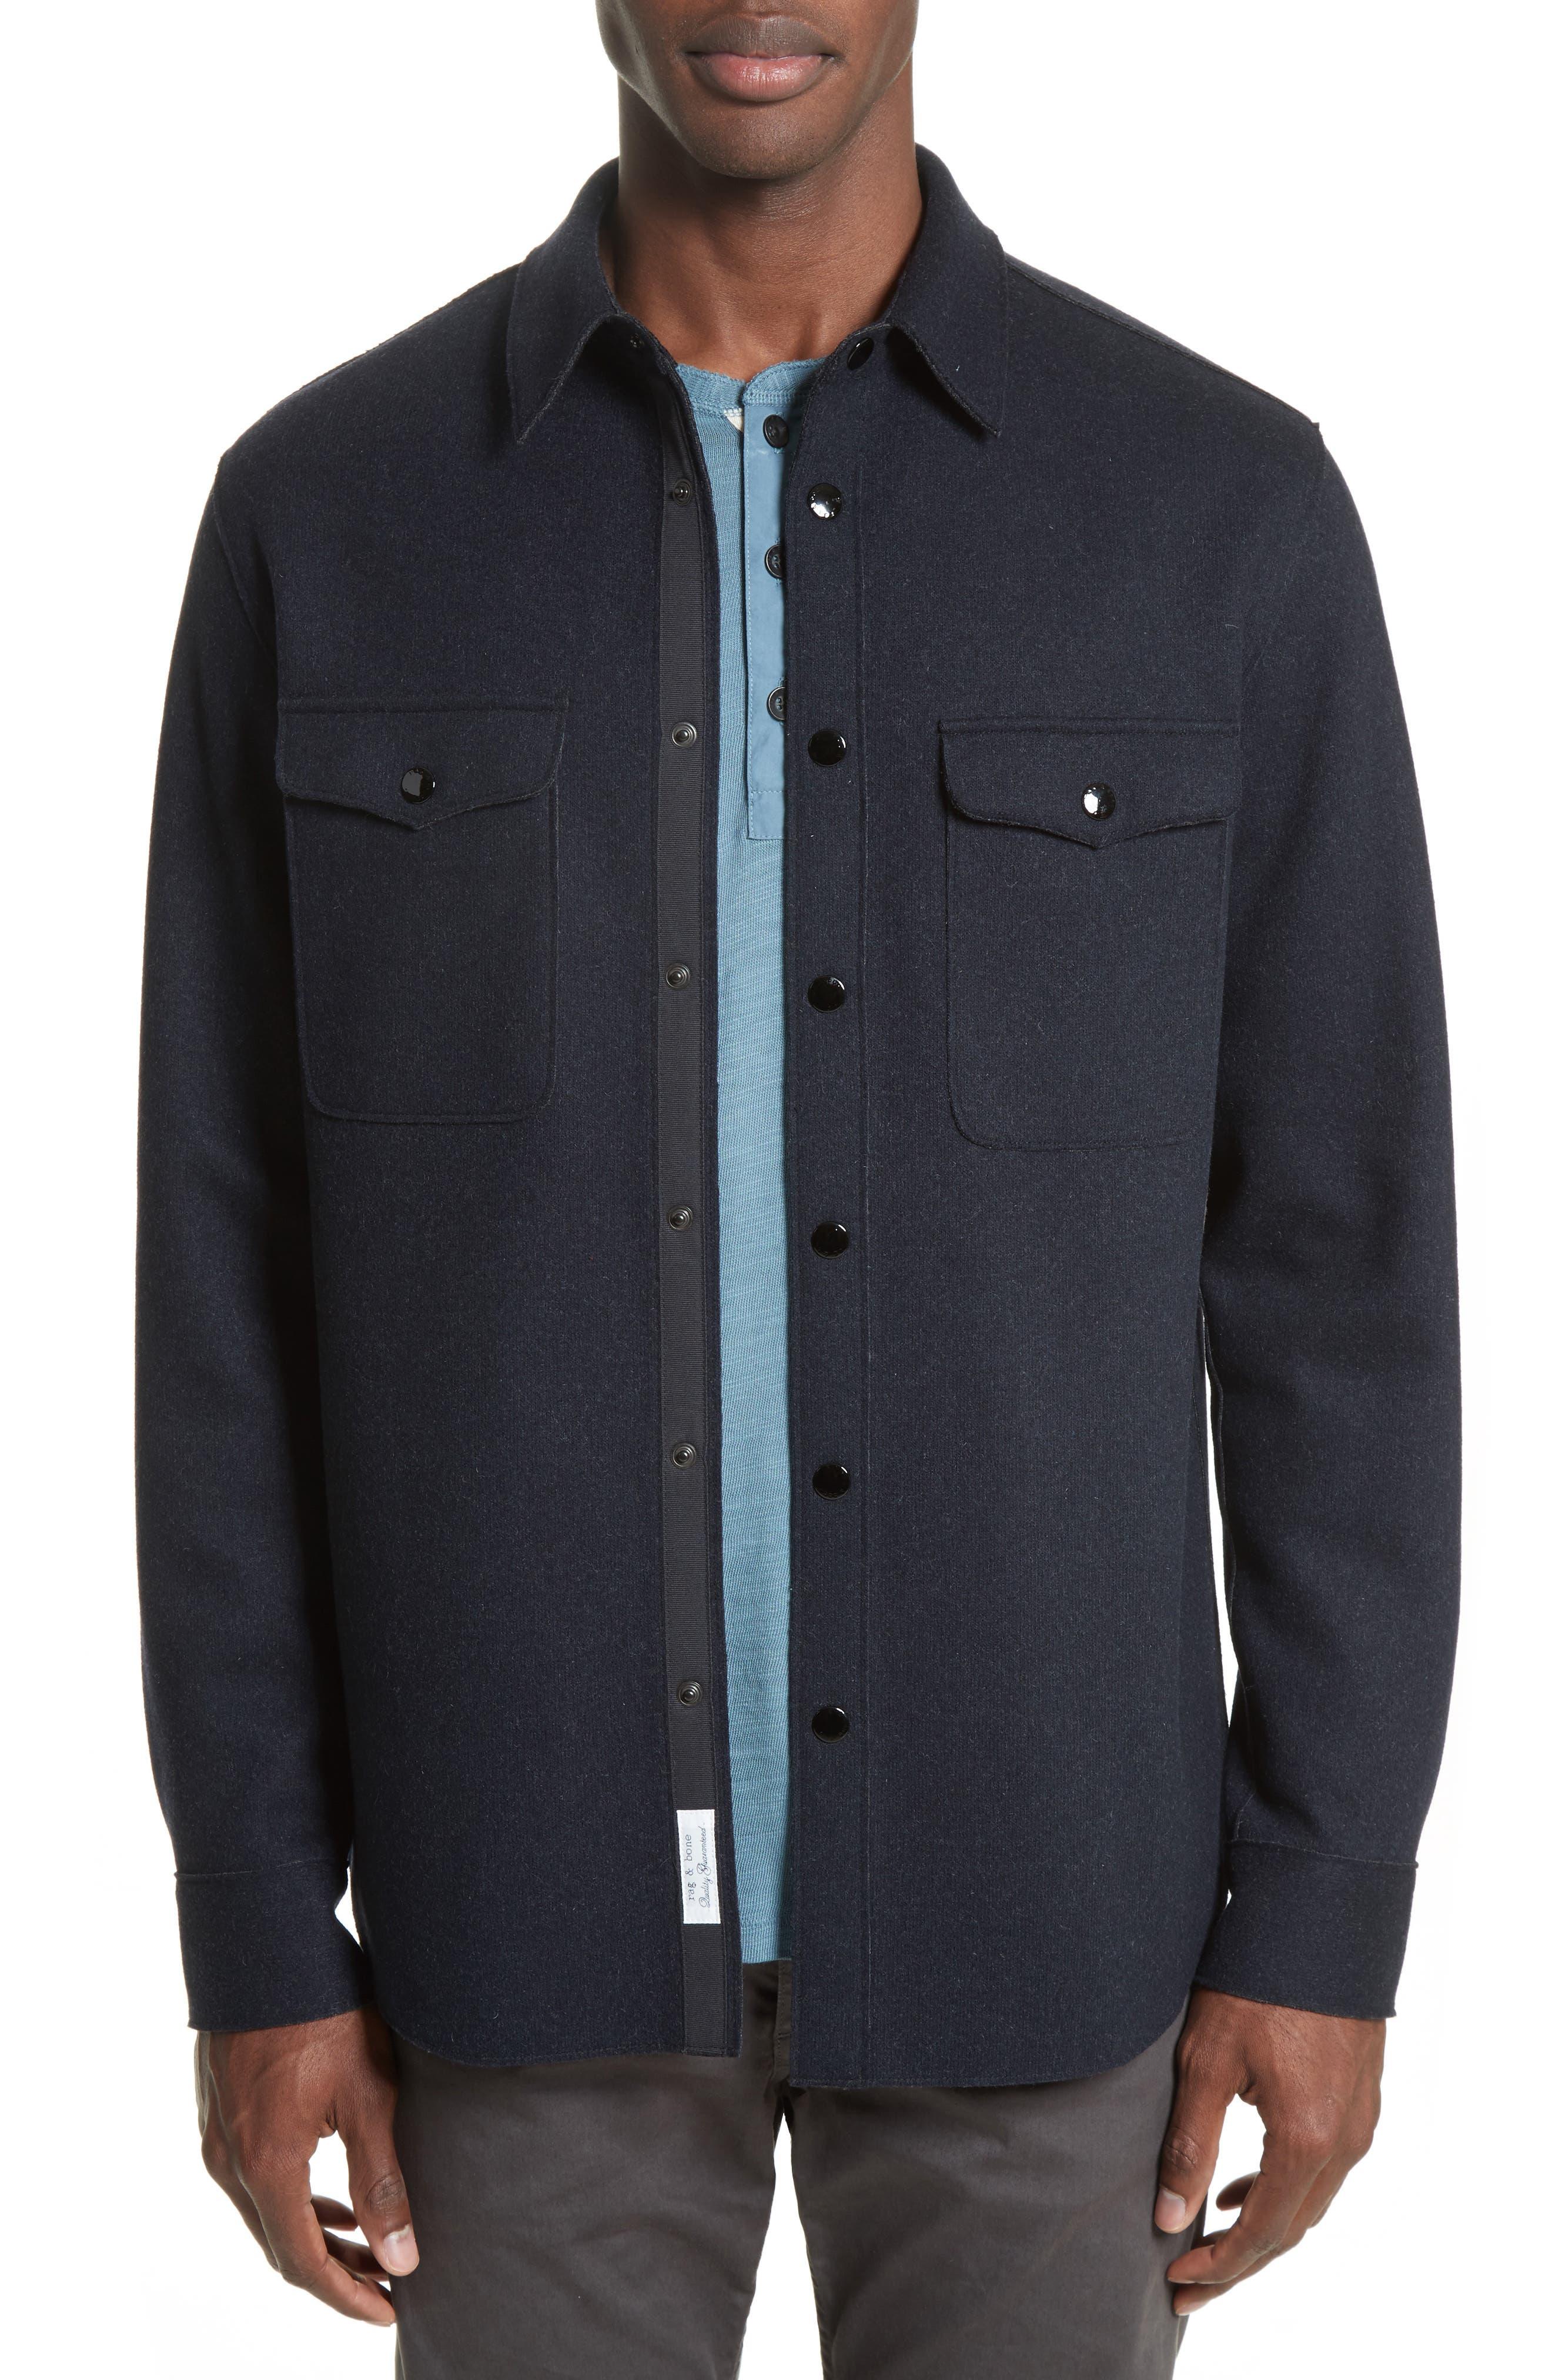 Main Image - rag & bone Raw Edge Shirt Jacket